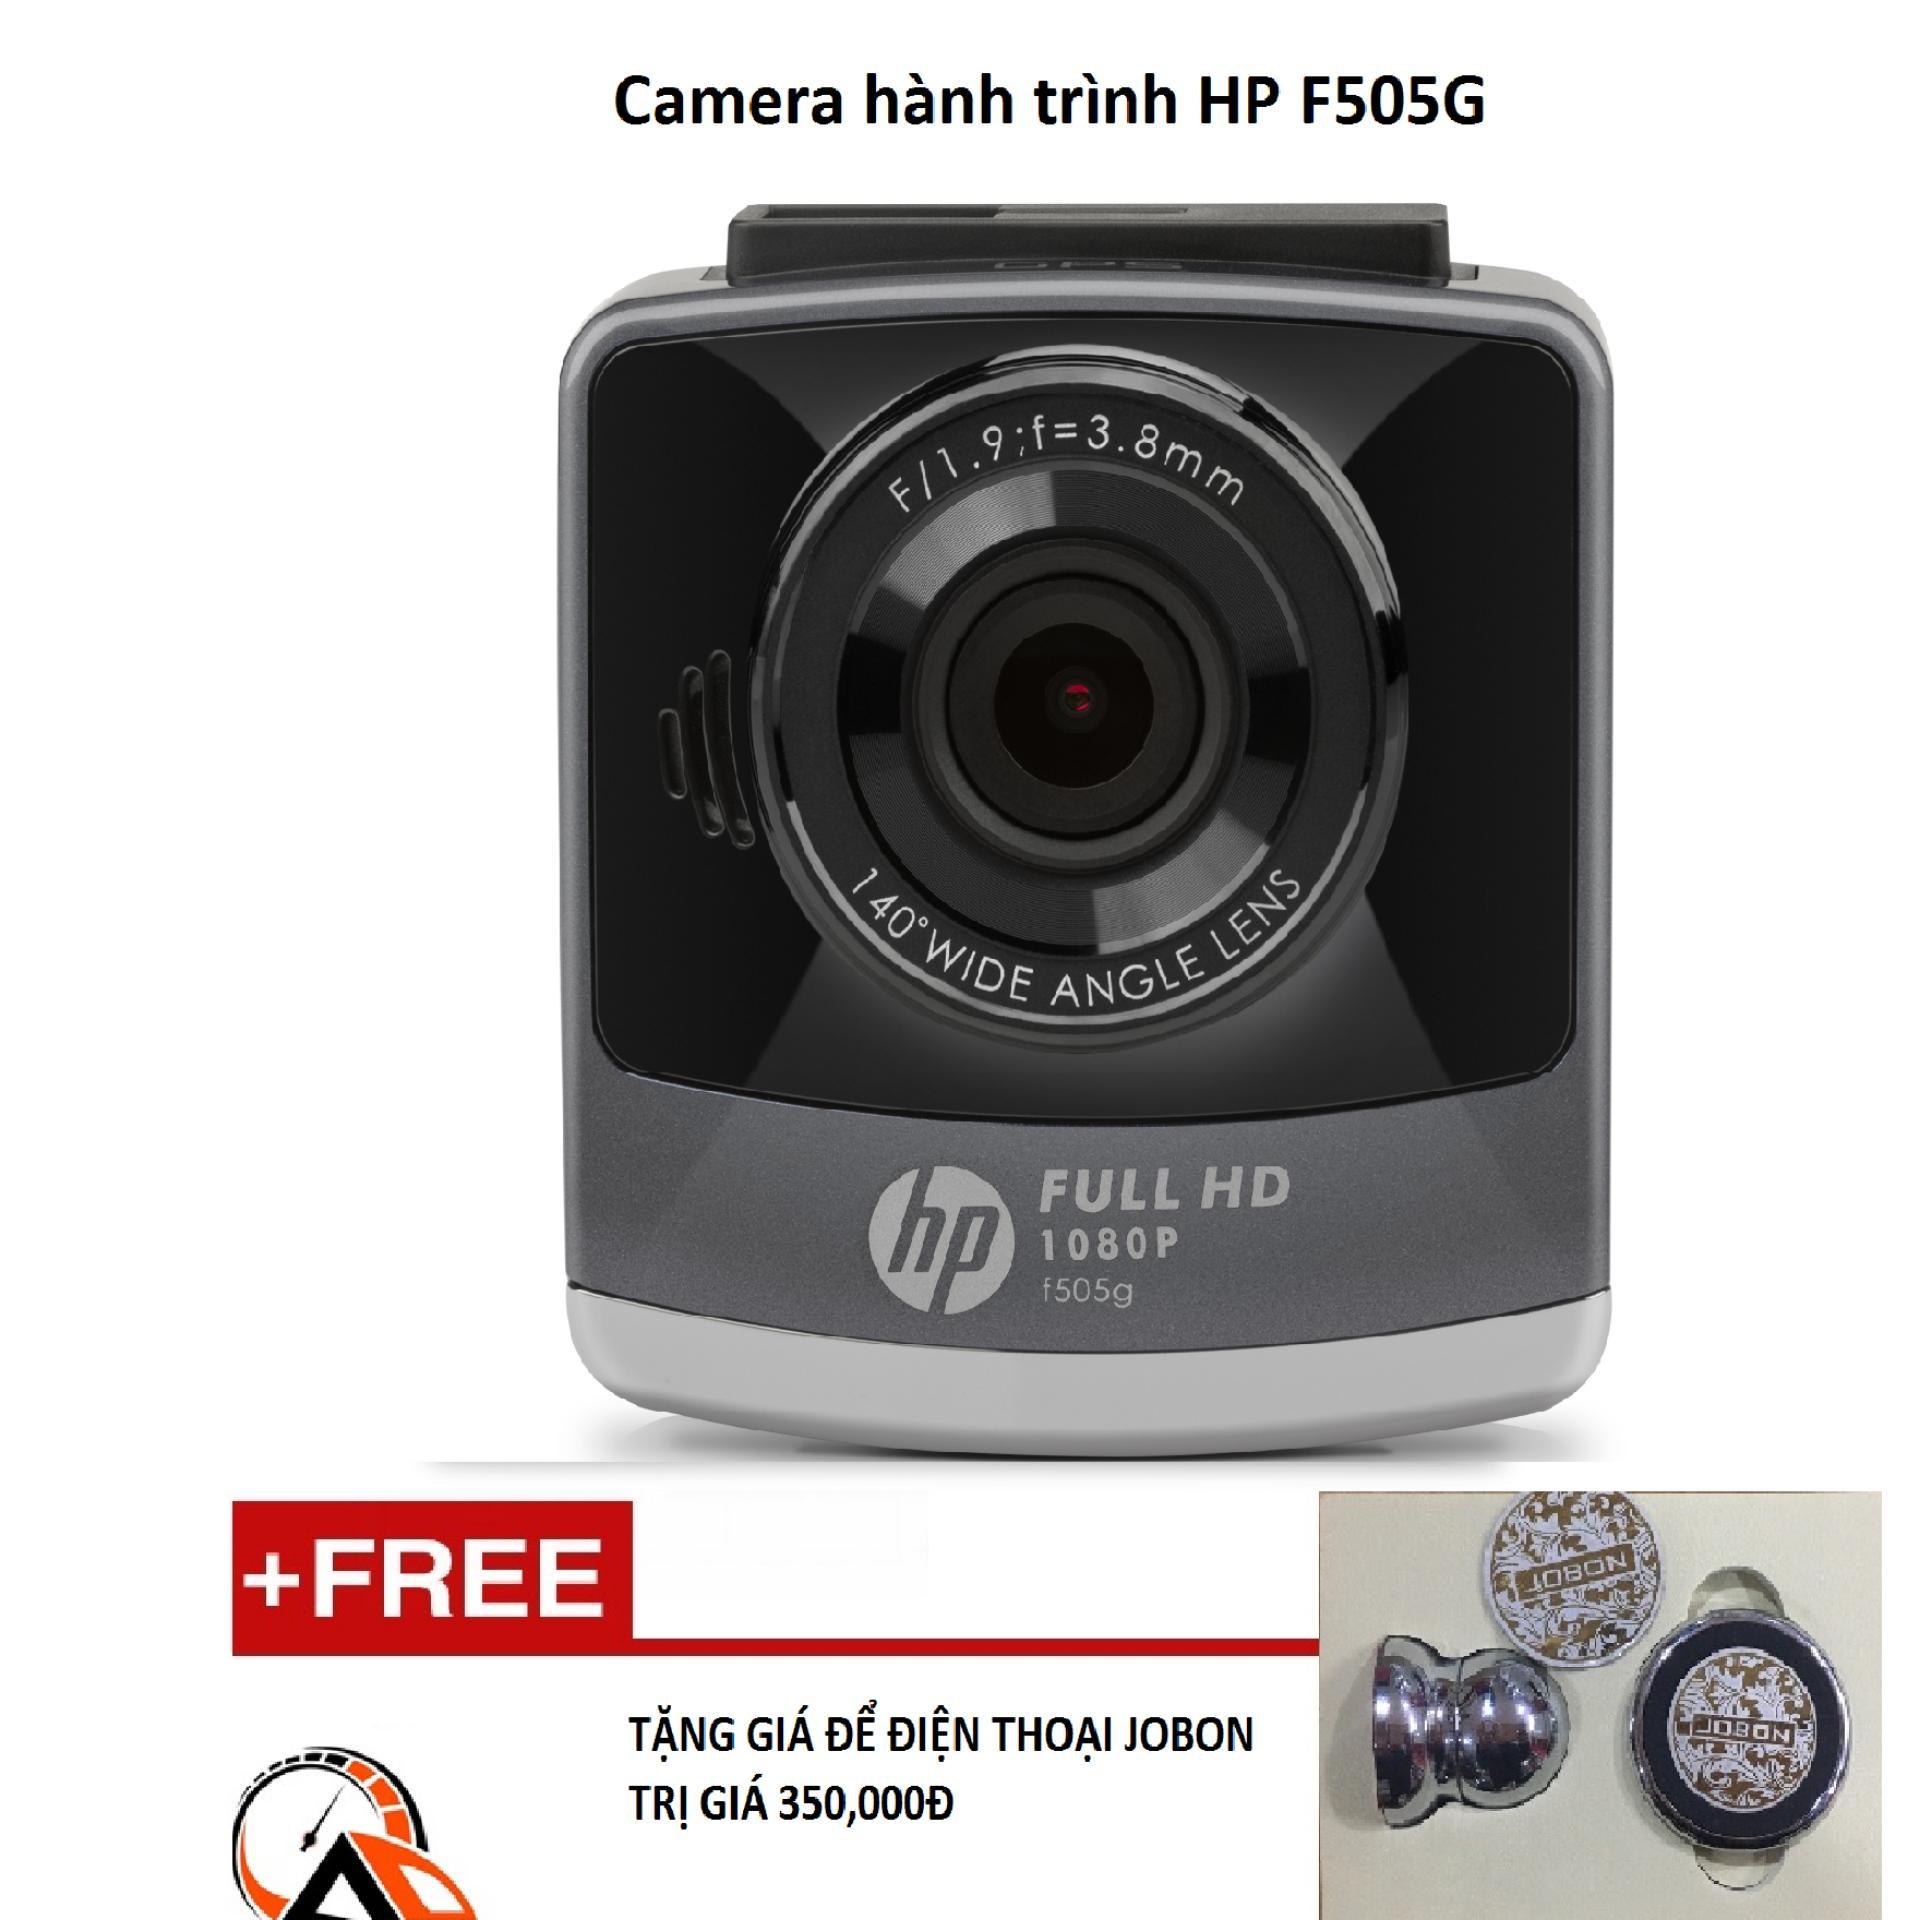 Camera hành trình HP F505G (Đen)+Tặng thẻ 32G+giá đỡ điện thoại – Hãng Phân phối chính thức